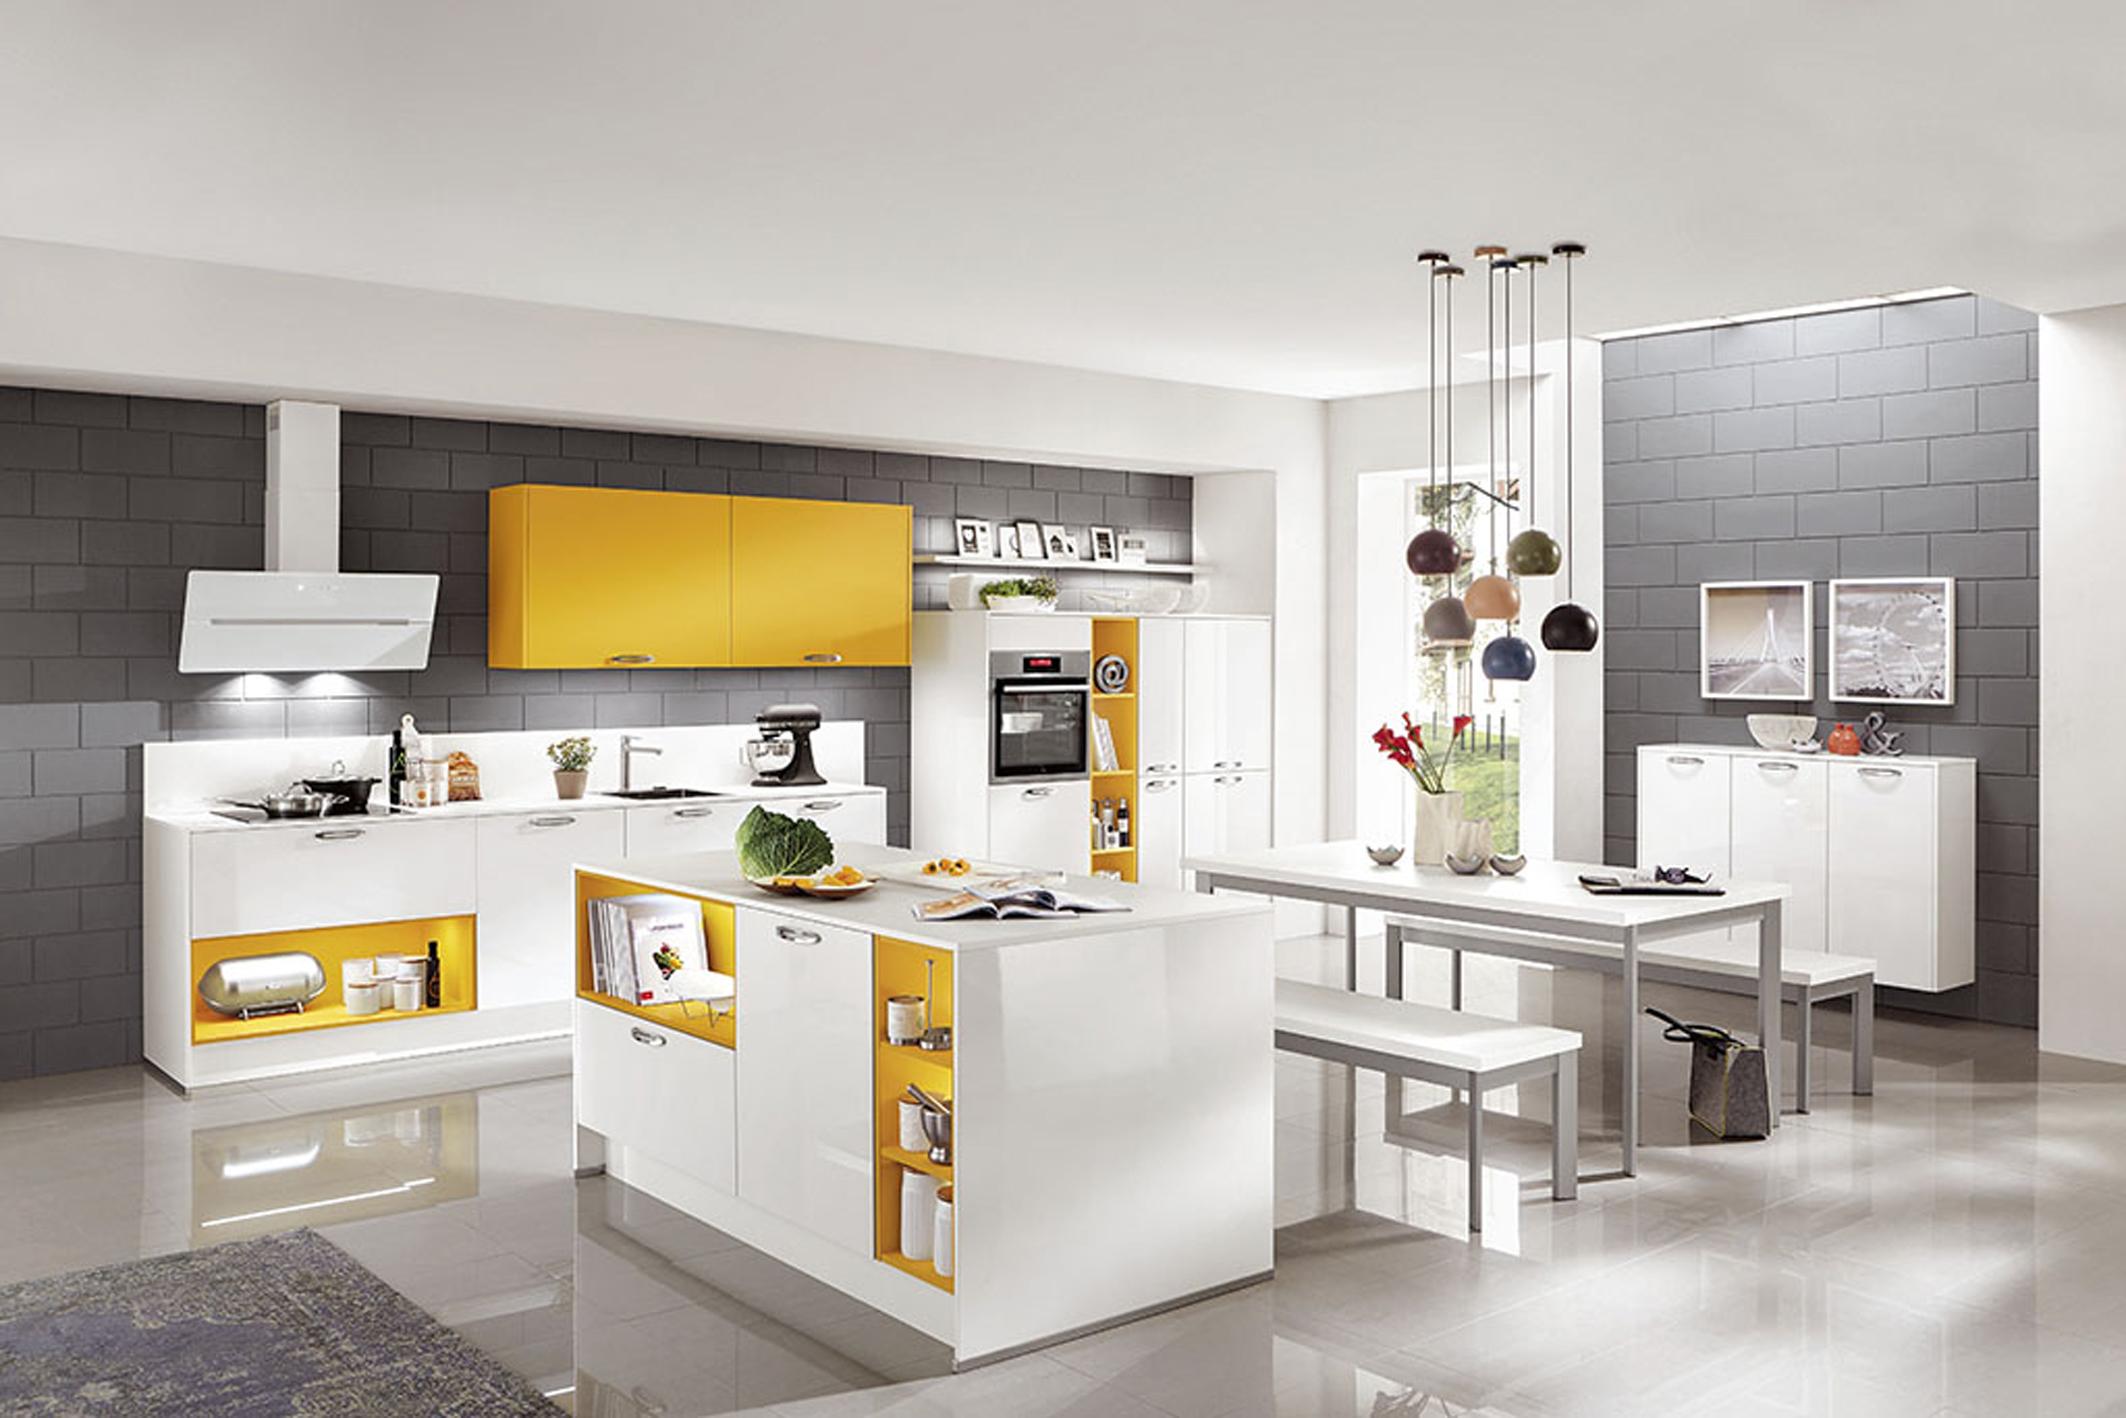 amk farbe in der kueche 02. Black Bedroom Furniture Sets. Home Design Ideas